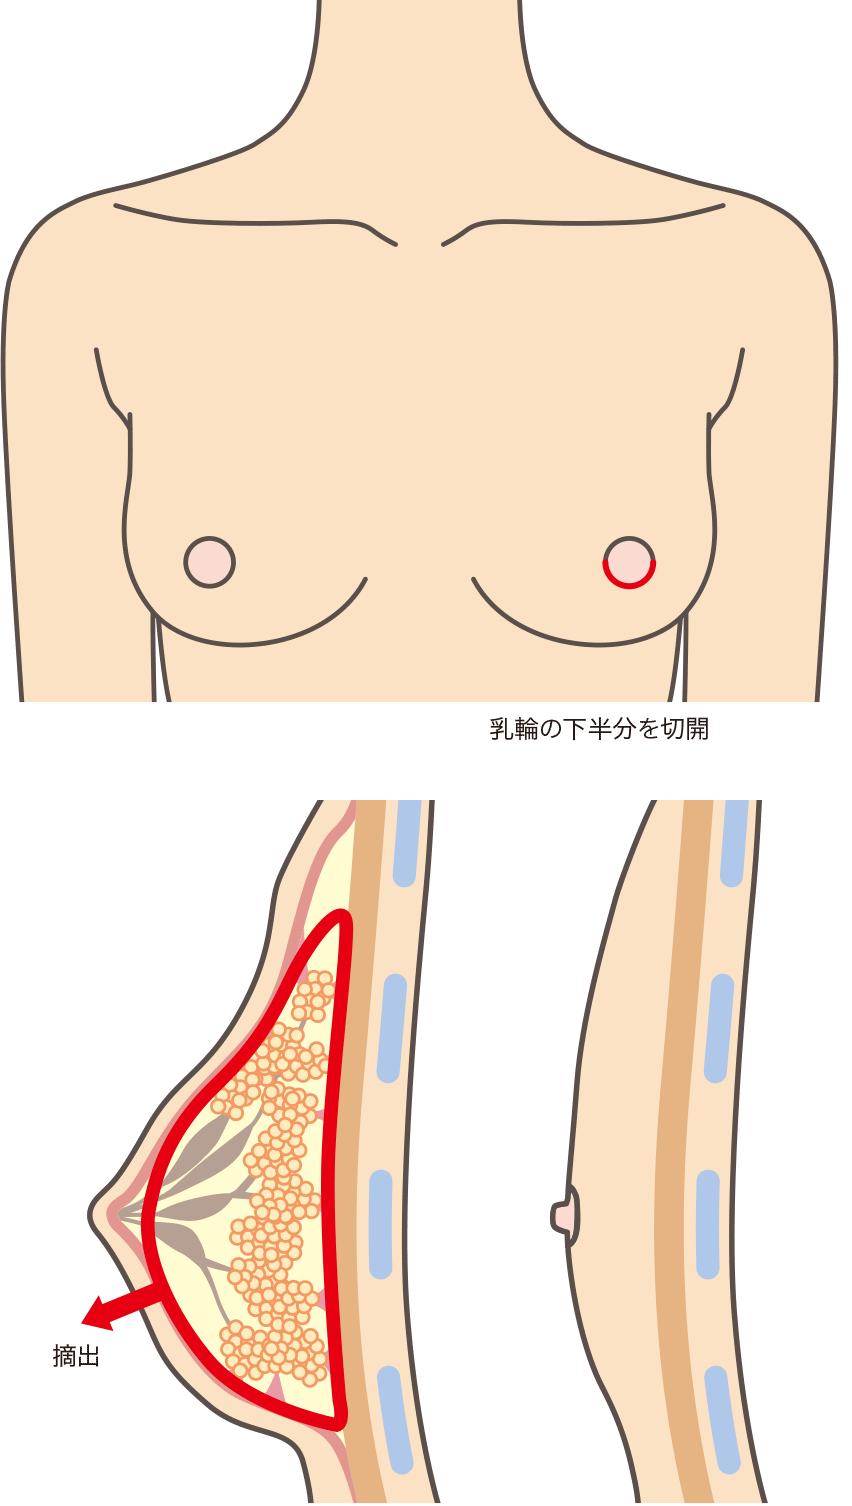 性転換 性器 乳輪下半周に沿って小さく切開し、そこから乳腺と脂肪を取りだします。出血が非常に少なく、傷はほとんどわからなくなります。手術後は胸を圧迫しますが、約1週間後の  ...